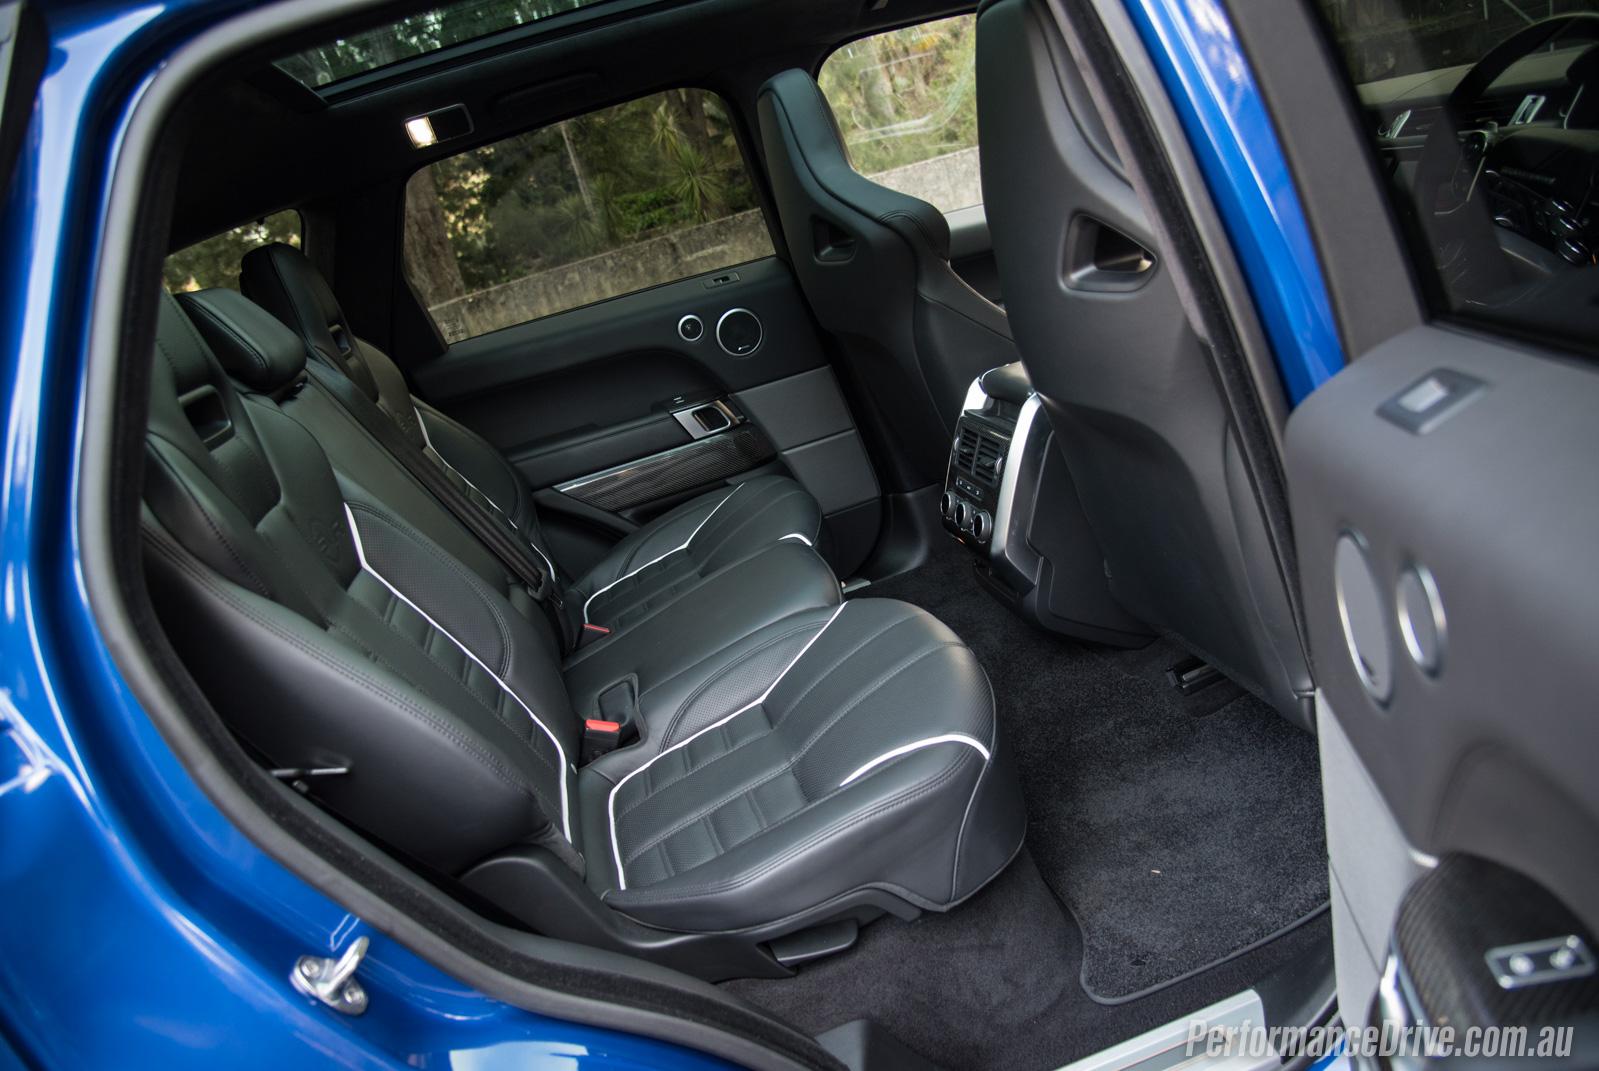 range rover sport svr rear seats. Black Bedroom Furniture Sets. Home Design Ideas